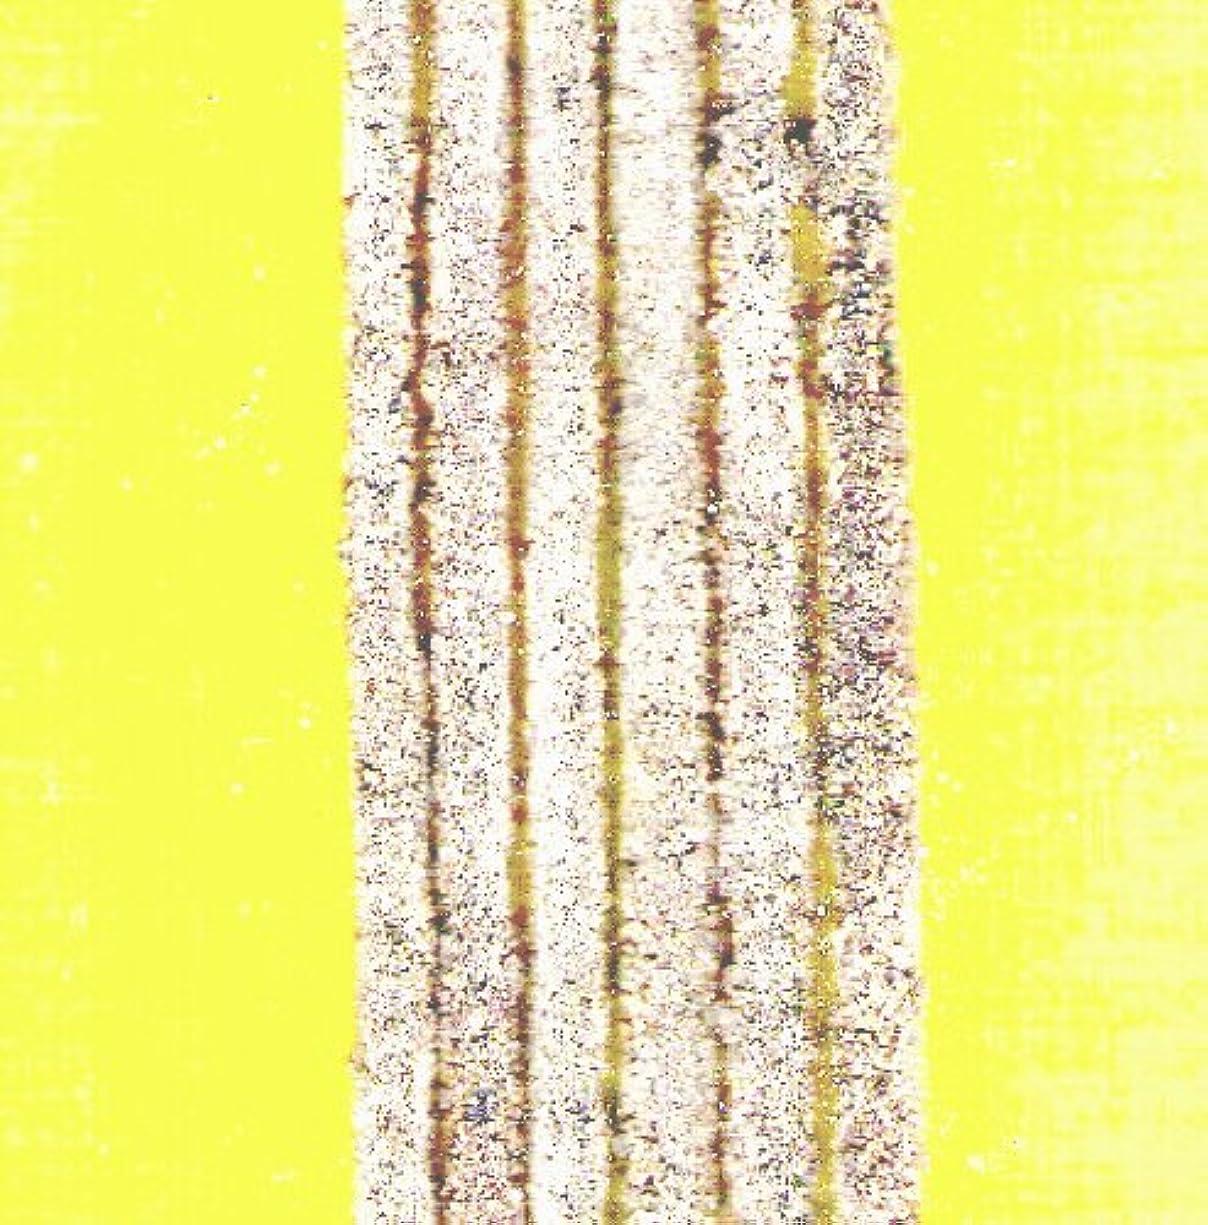 骨髄グレードマーガレットミッチェルローマブレンドFrankincense and Myrrh